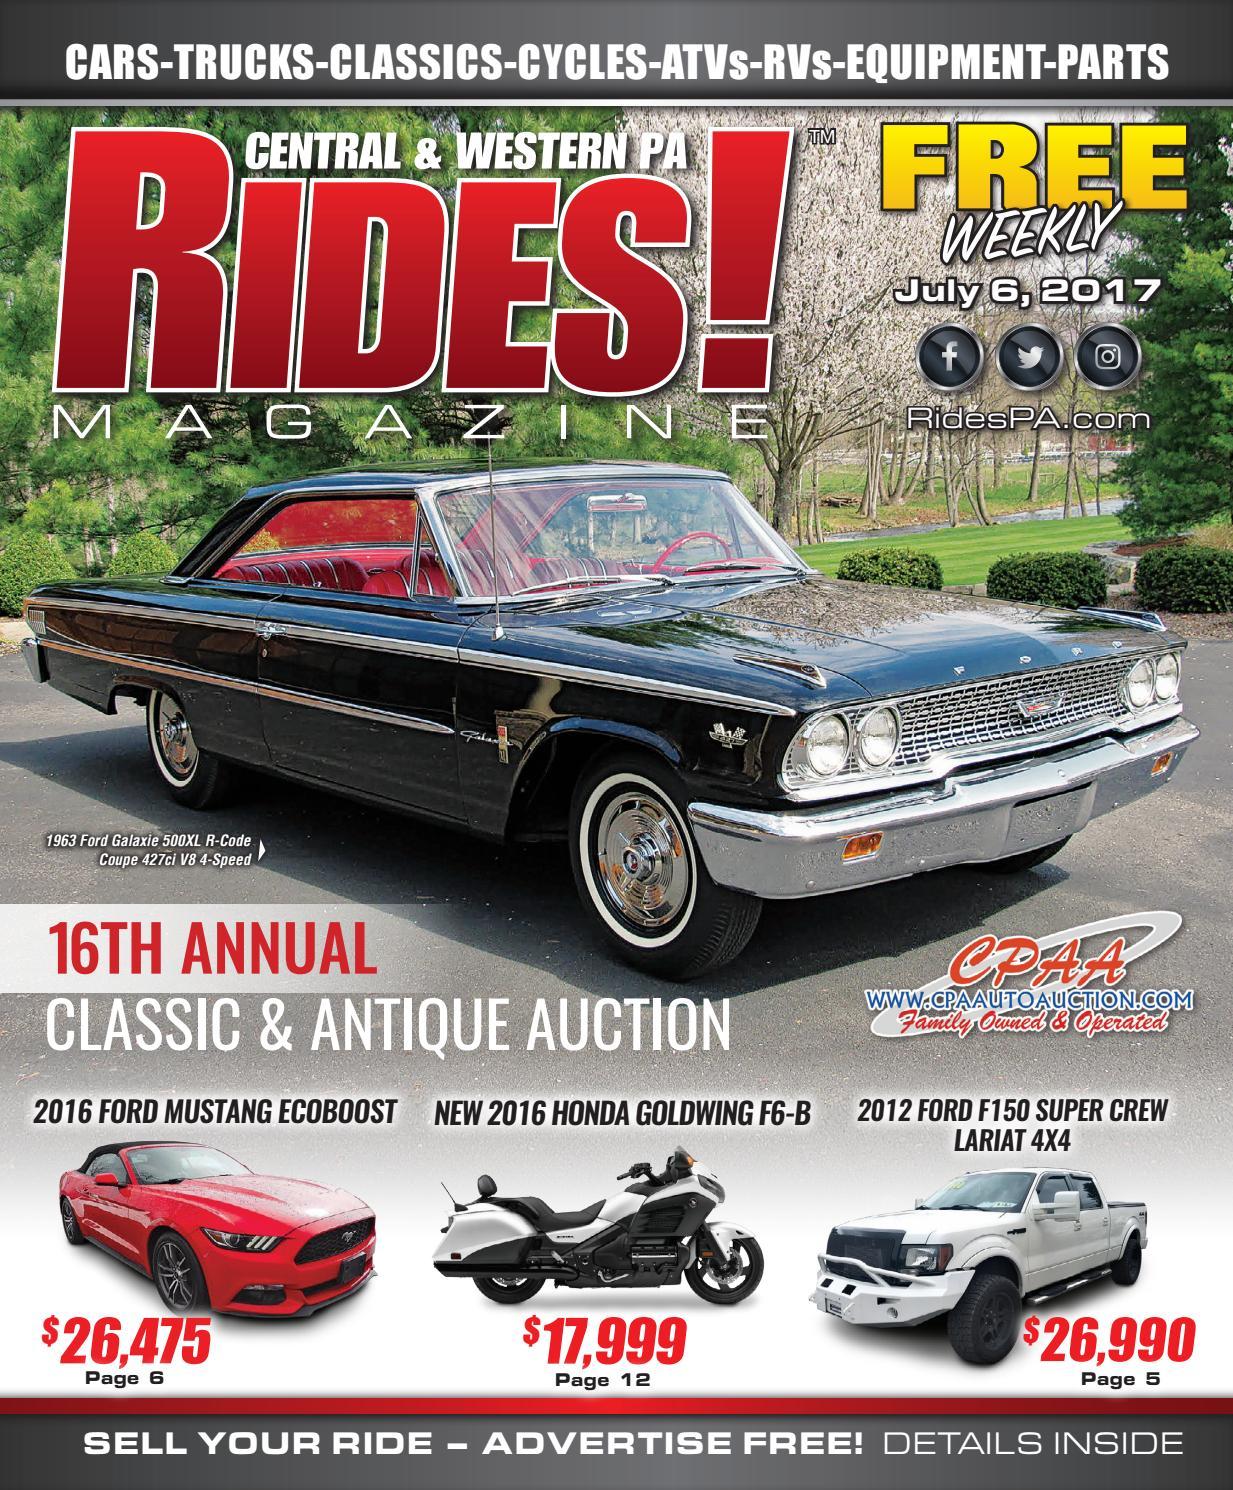 Rides! Magazine - July 6, 2017 by Stott Media - issuu